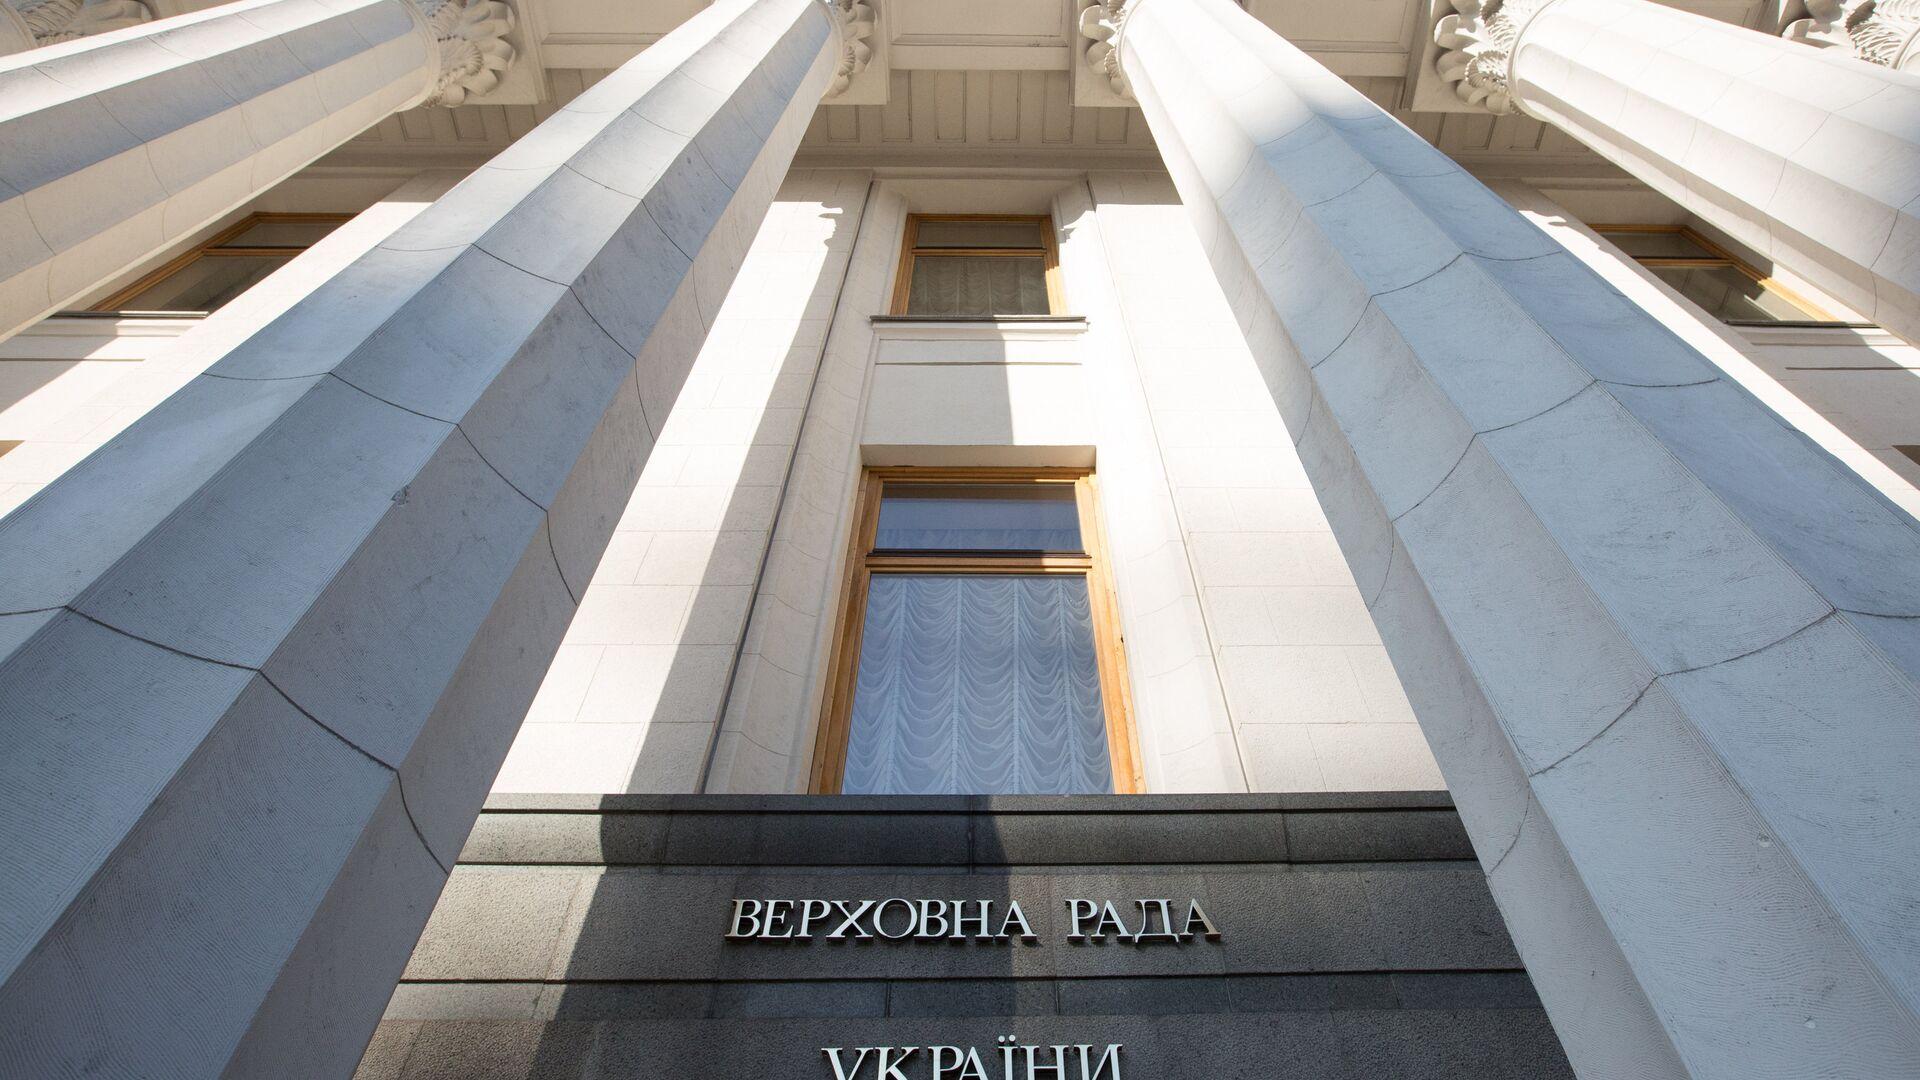 Здание Верховной рады Украины в Киеве - РИА Новости, 1920, 01.12.2020